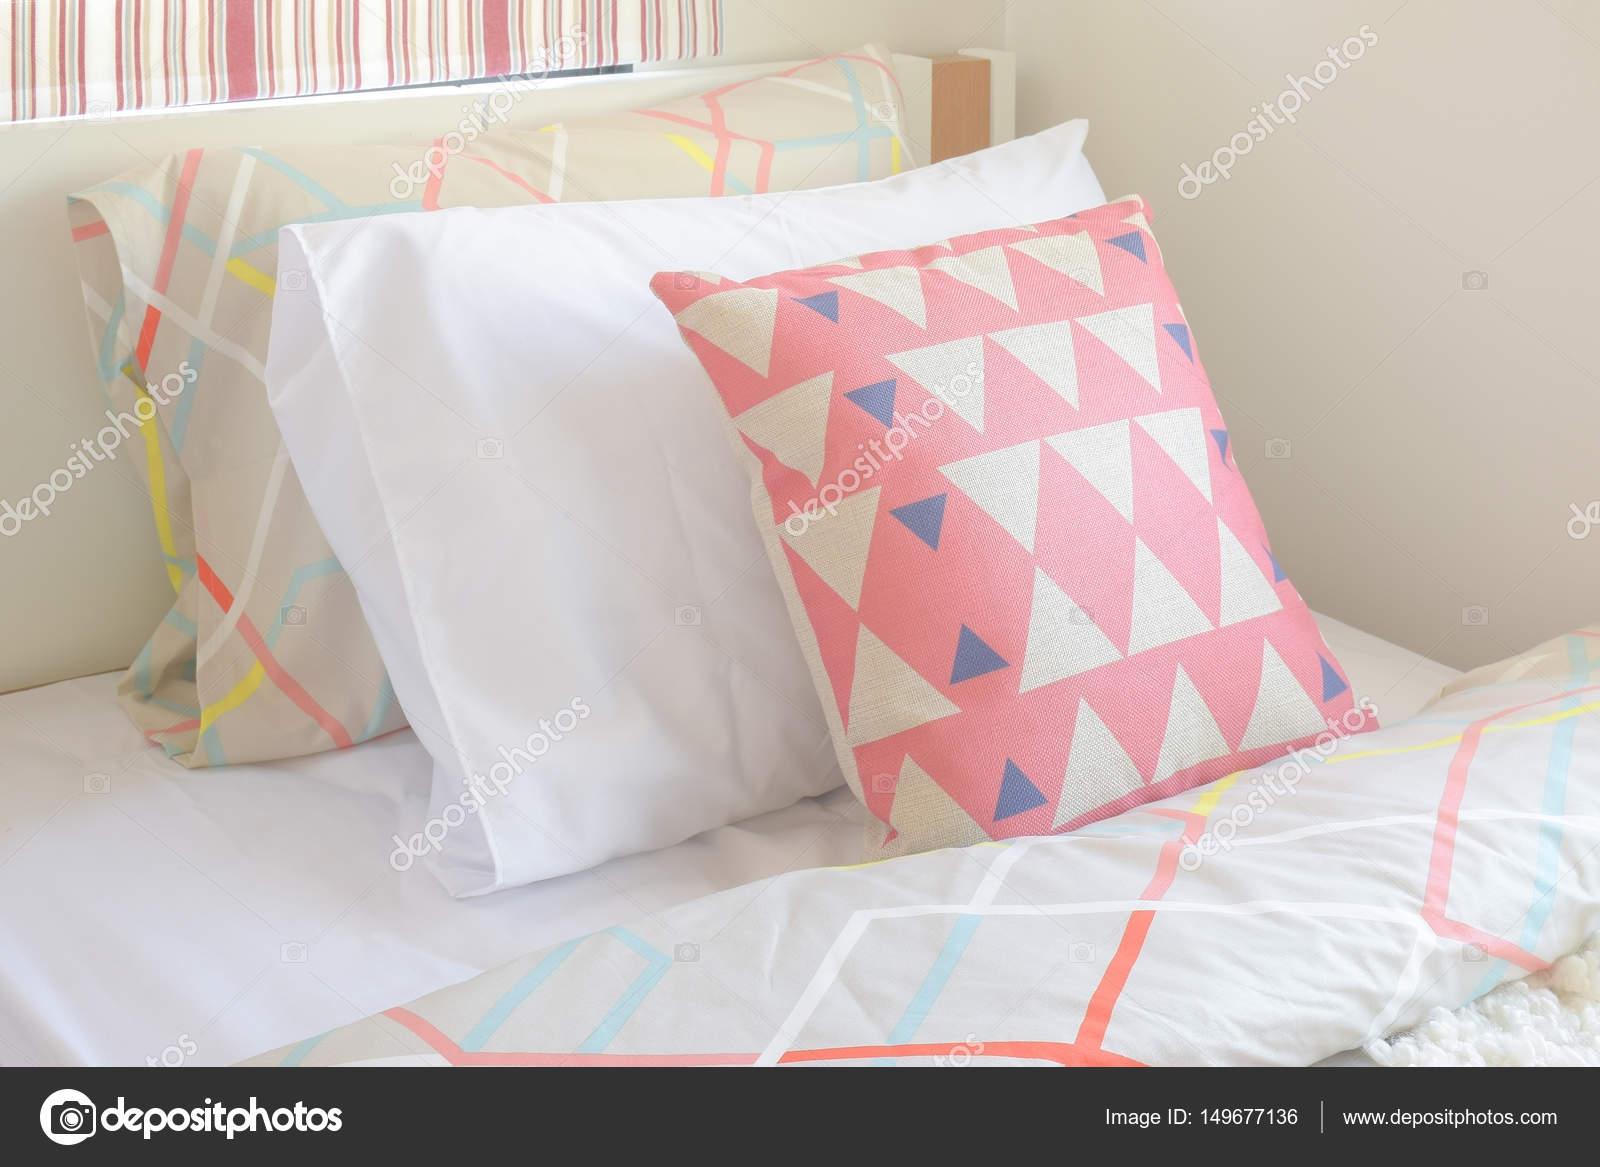 Roze grafisch patroon kussen instelling op bed met meisje stijl